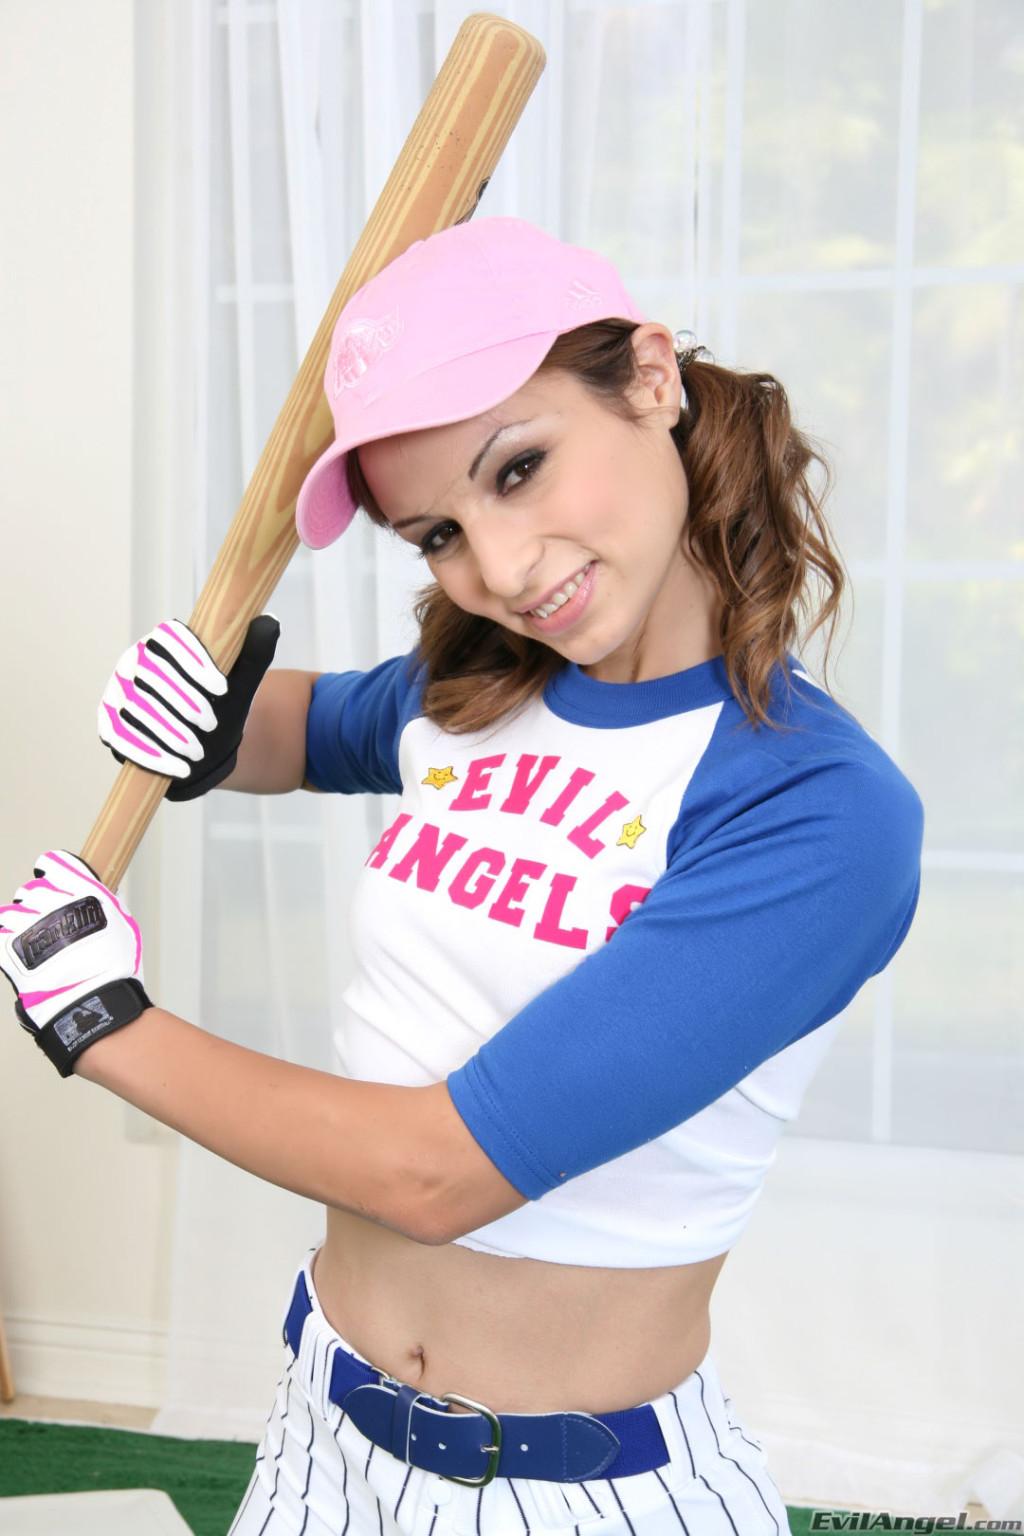 Спорт это всегда сексуально, особенно когда у девушек спортсменок большие биты в руках и подтянутые животики